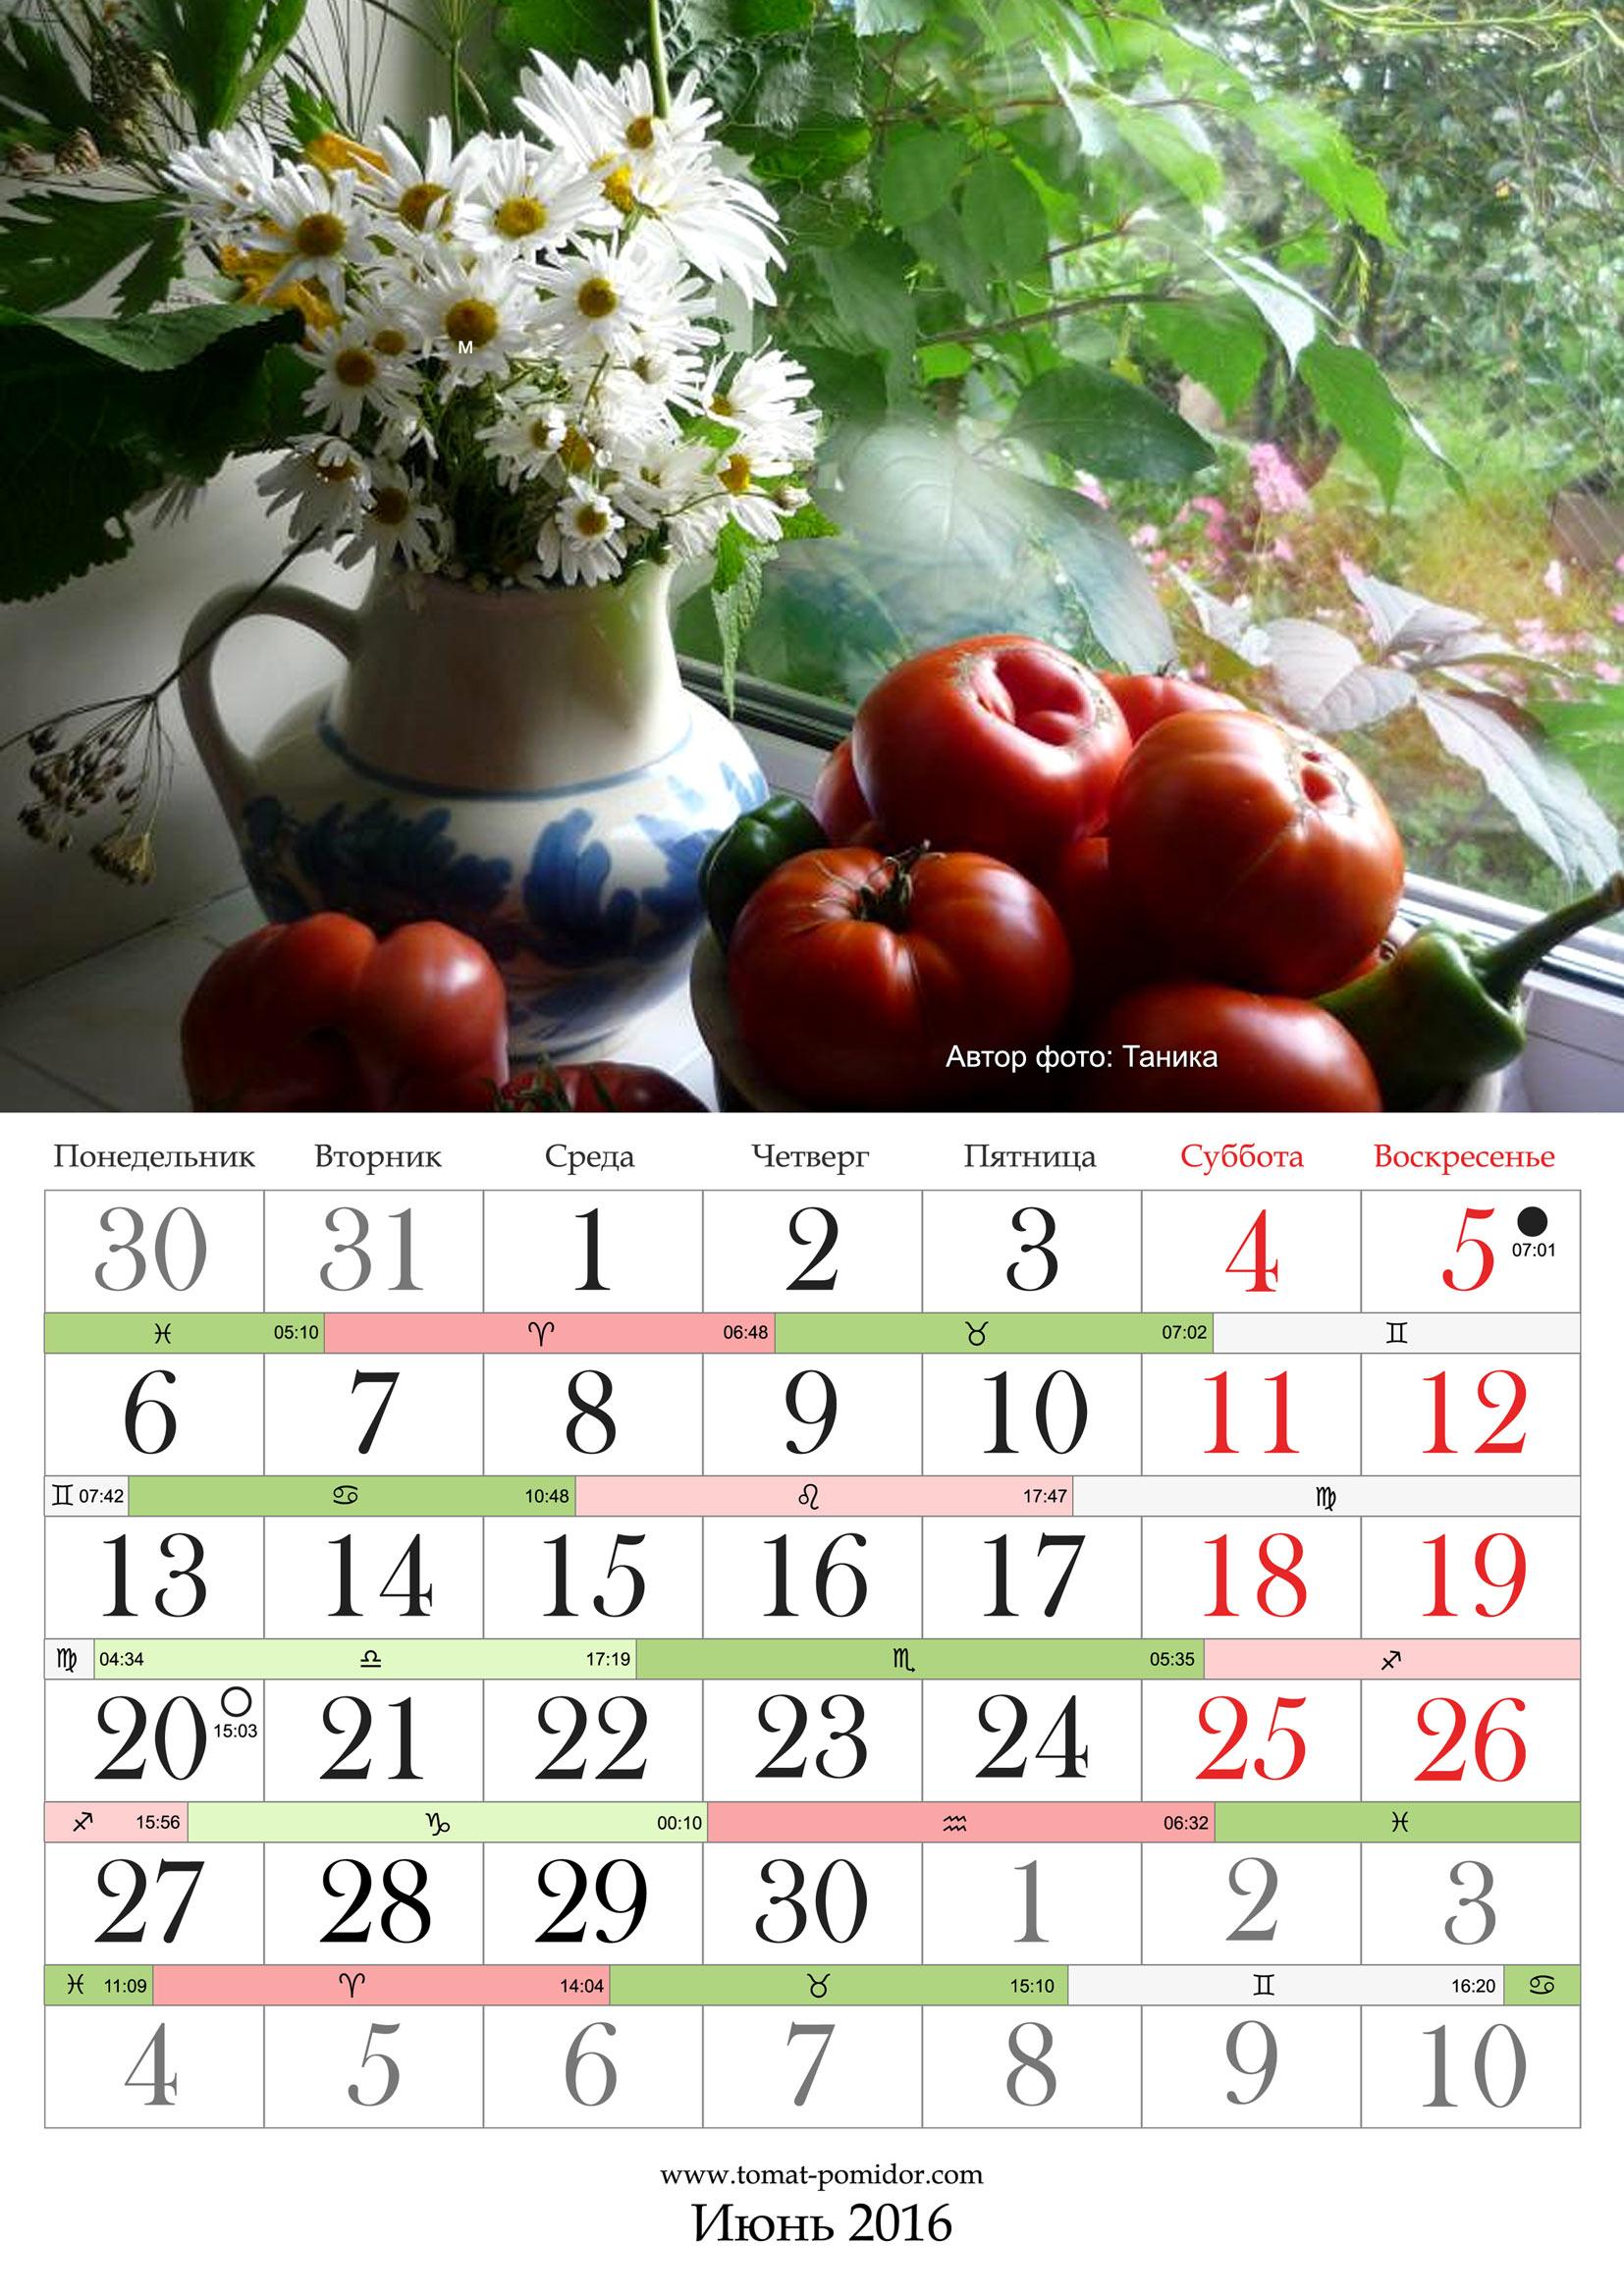 Оплата выходных и праздничных дней украина 2016